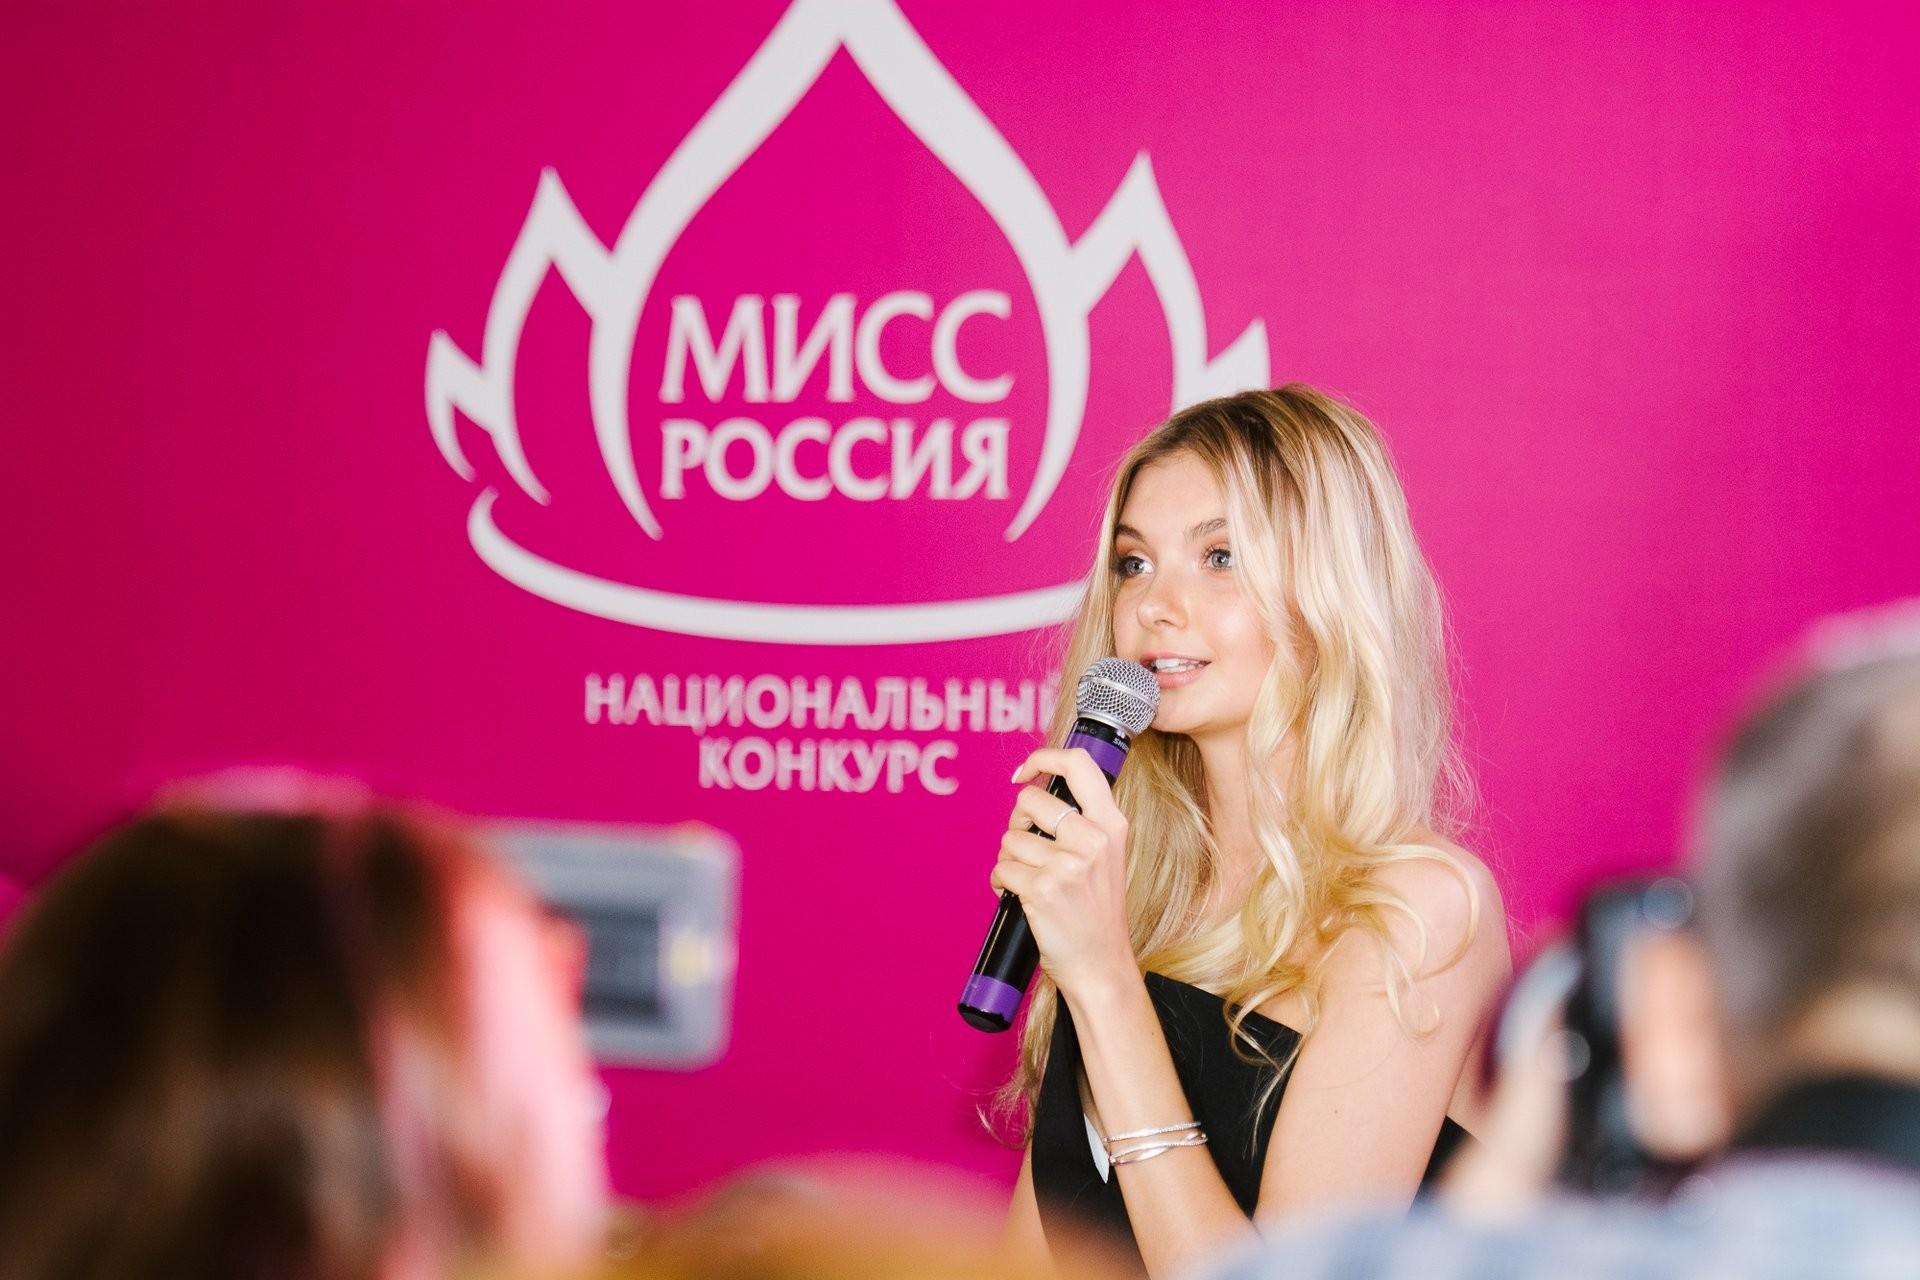 Тюменки смогут принять участие вкастинге наконкурс «Мисс-Россия 2018»